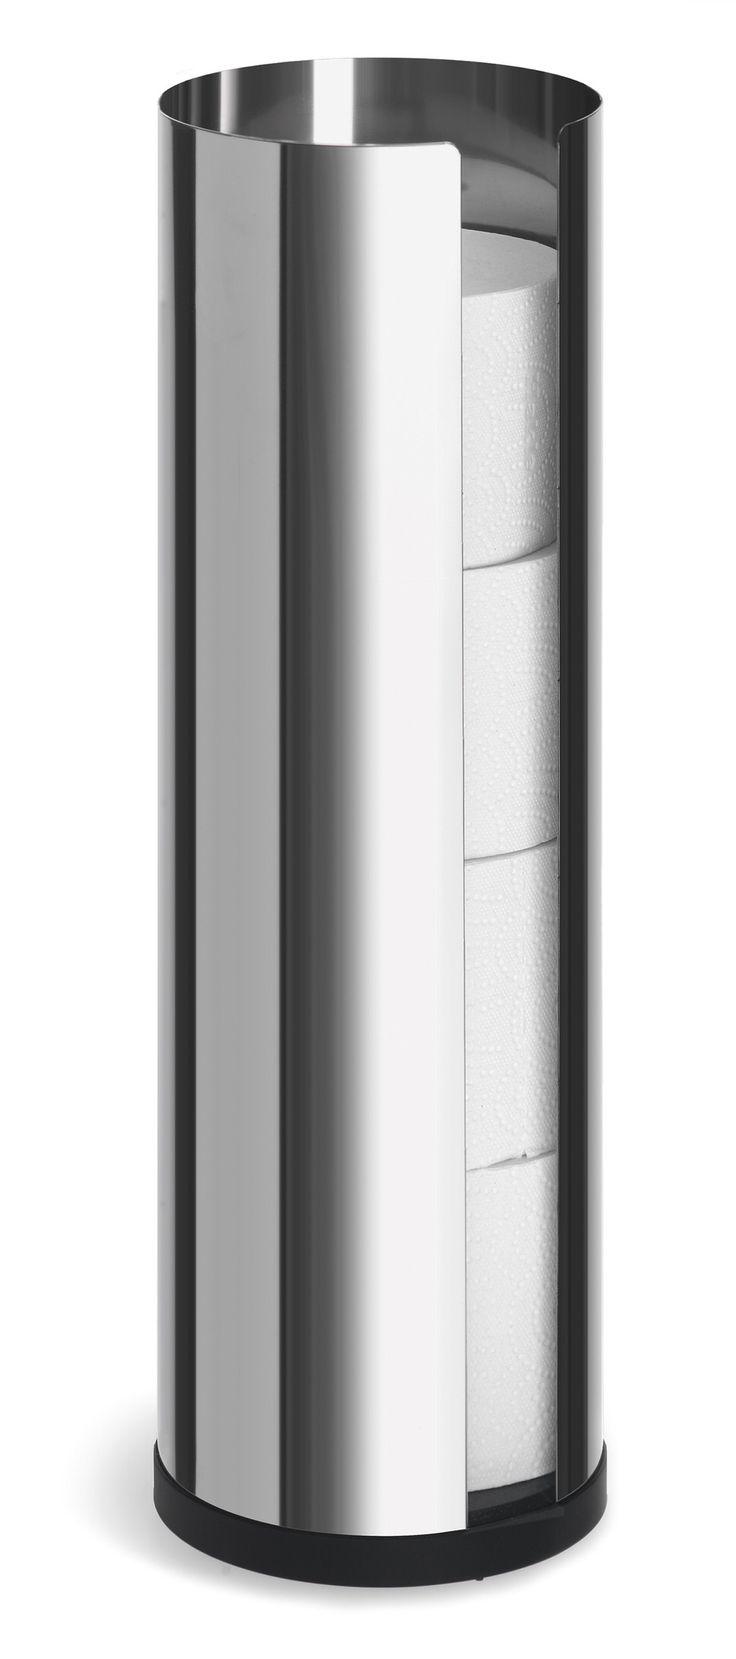 Modern free standing toilet paper holder - Nexio Freestanding Toilet Paper Holder